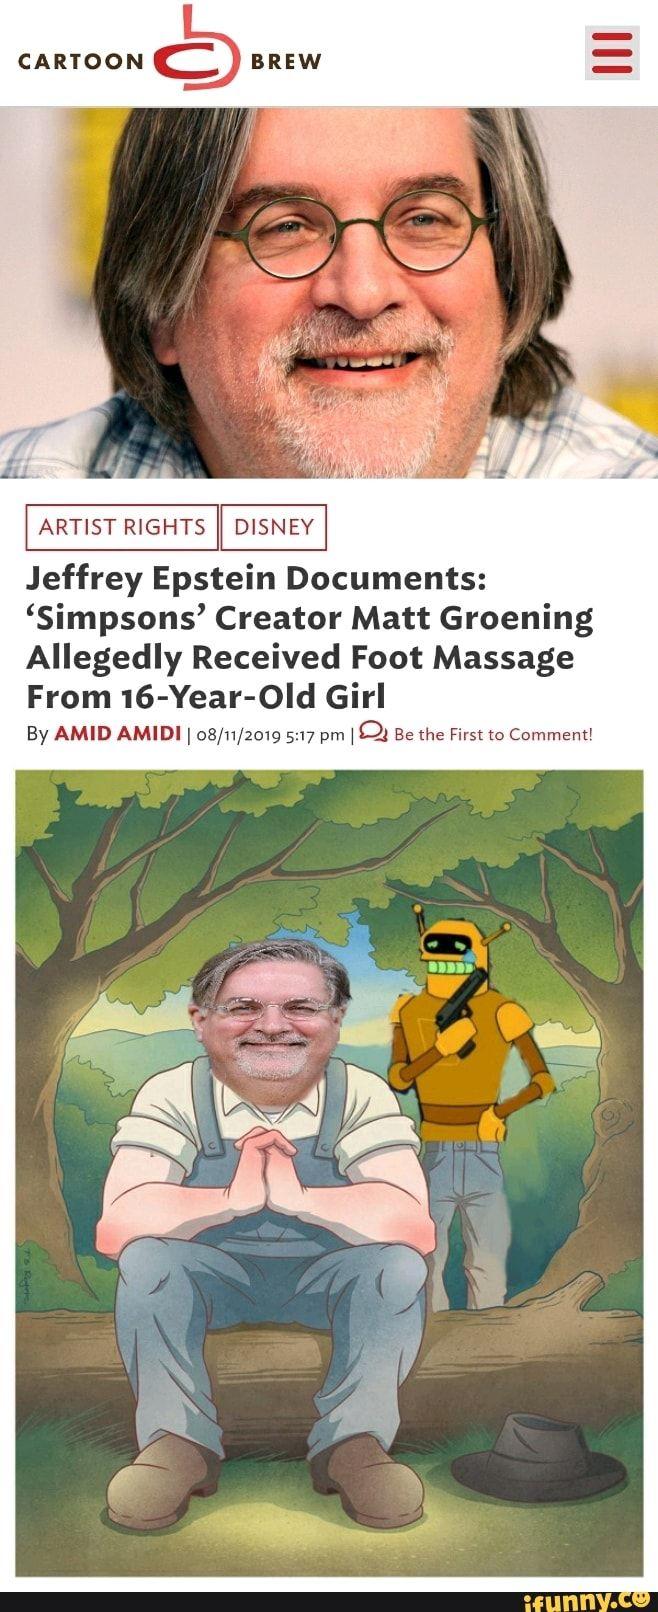 ARTIST RIGHTS Jeffrey Epstein Documents 'Simpsons